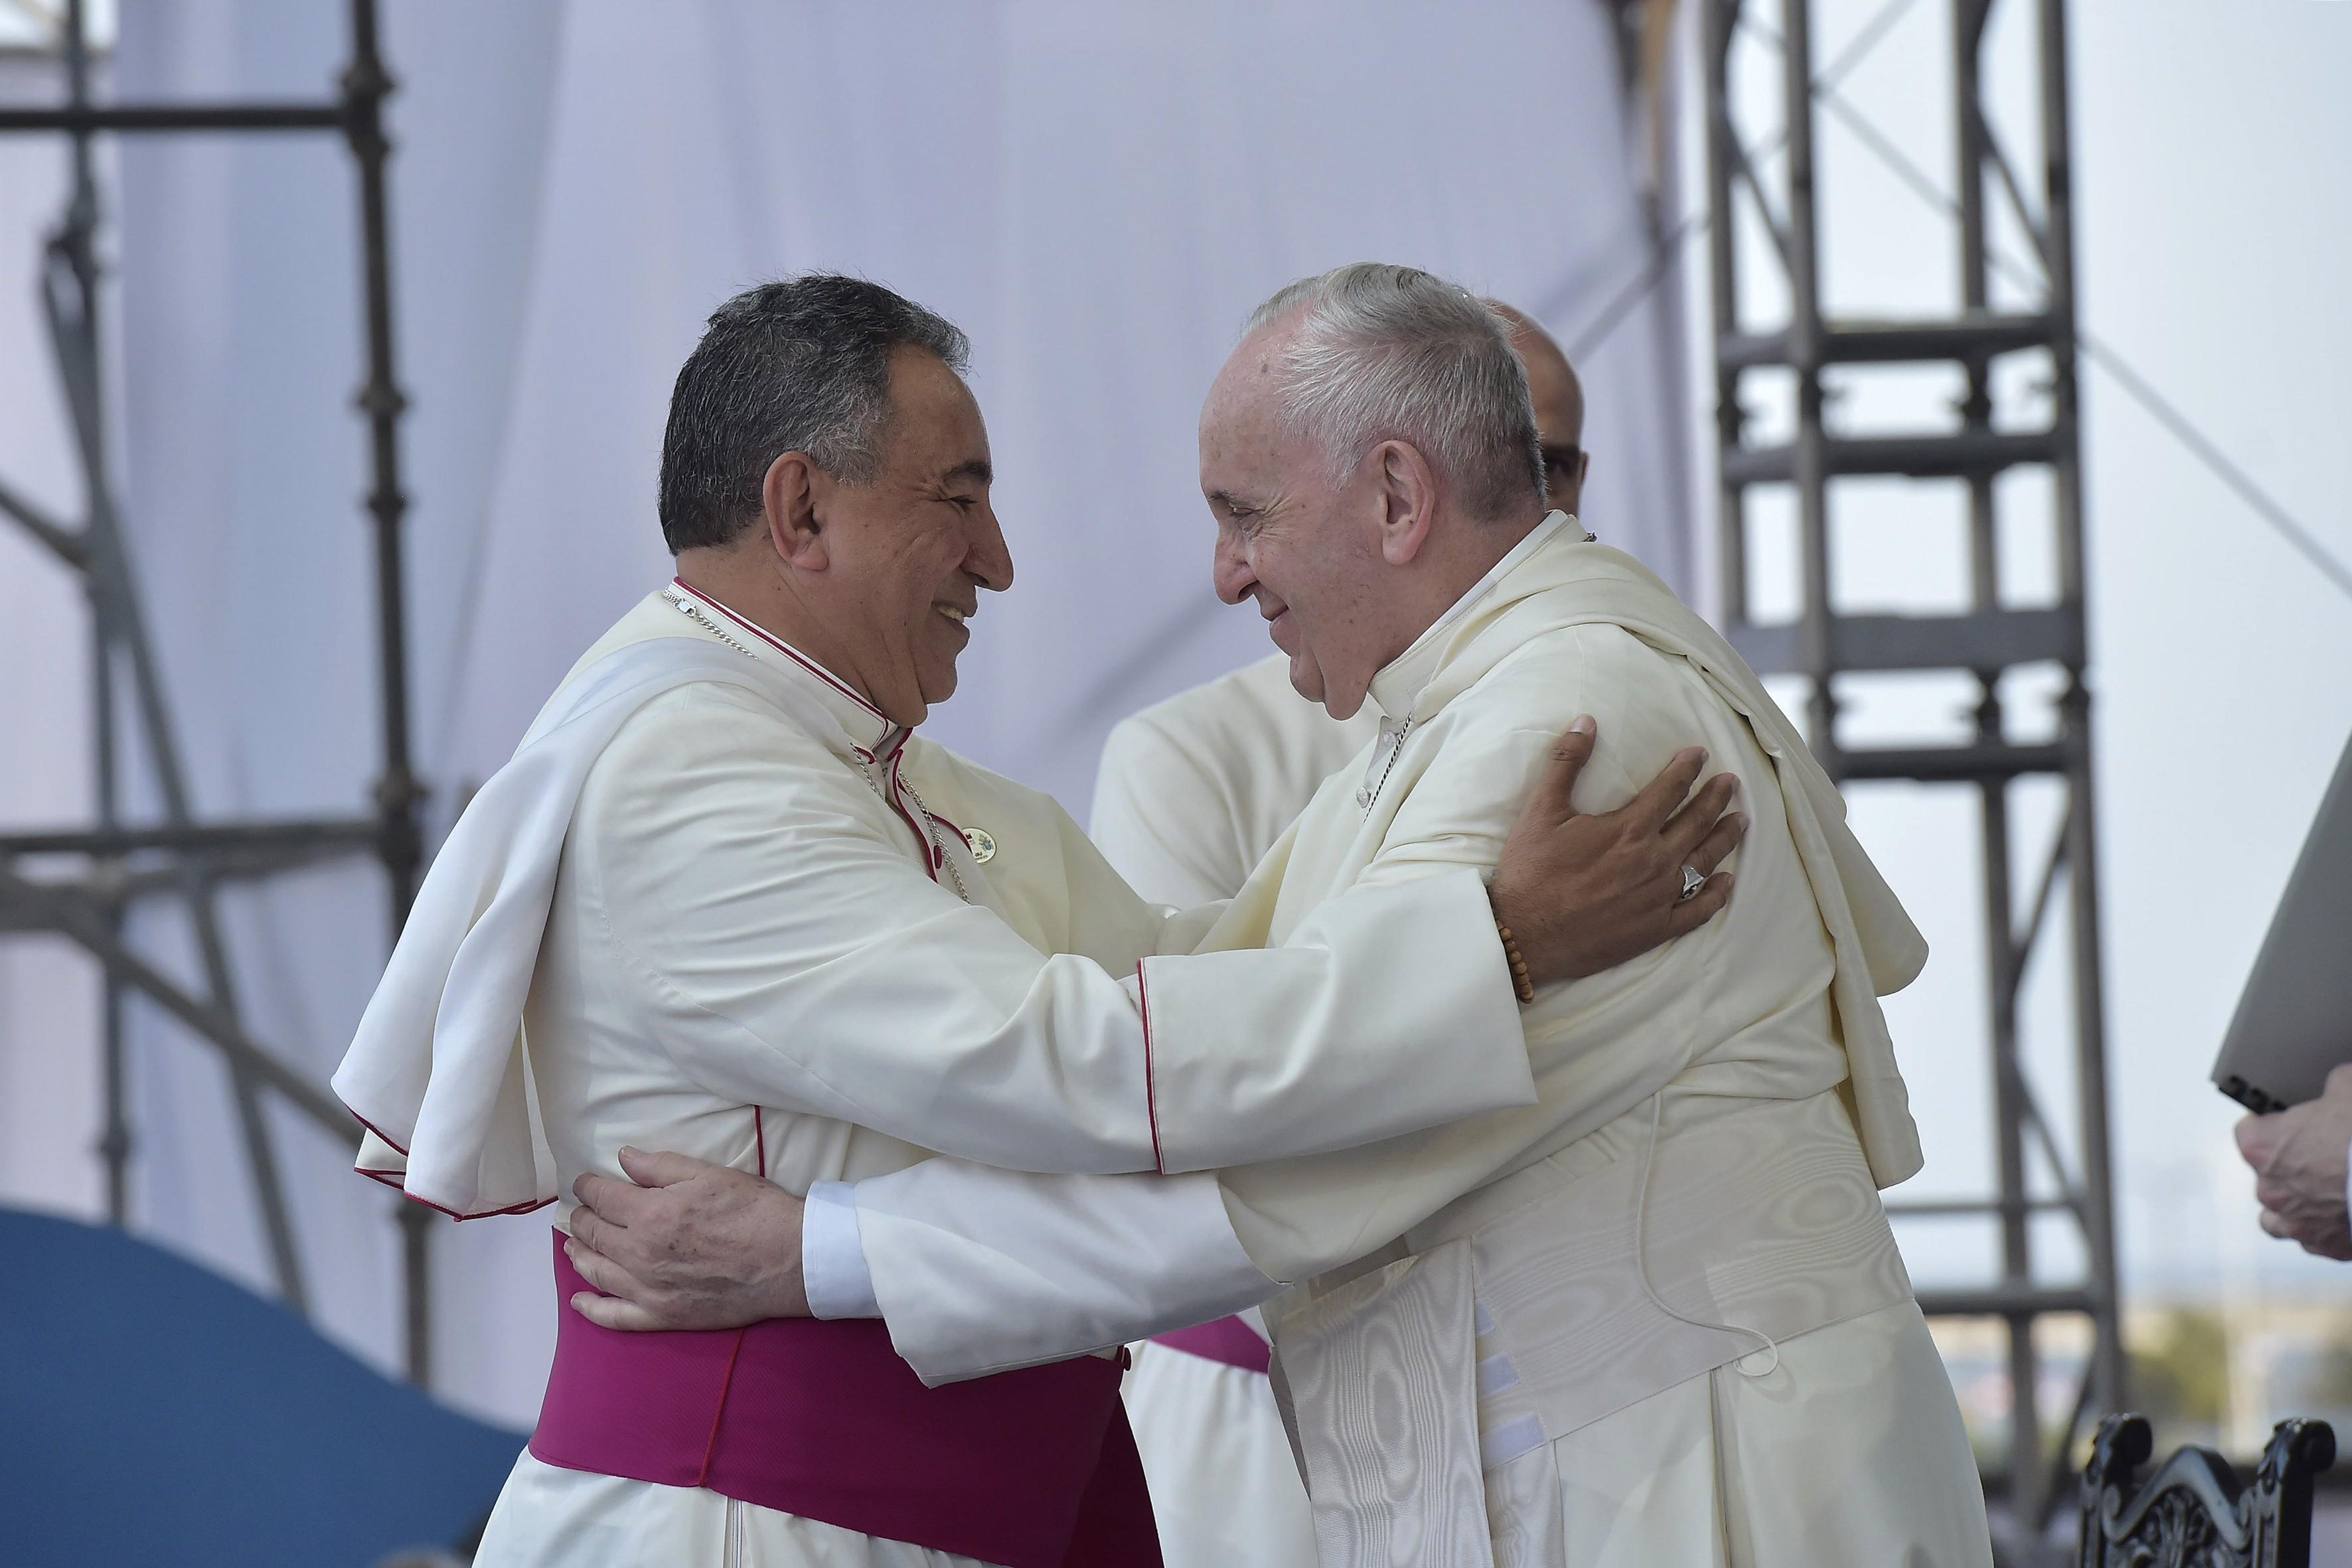 El Arzobispo Ulloa agradece al Papa su visita al país © Vatican Media